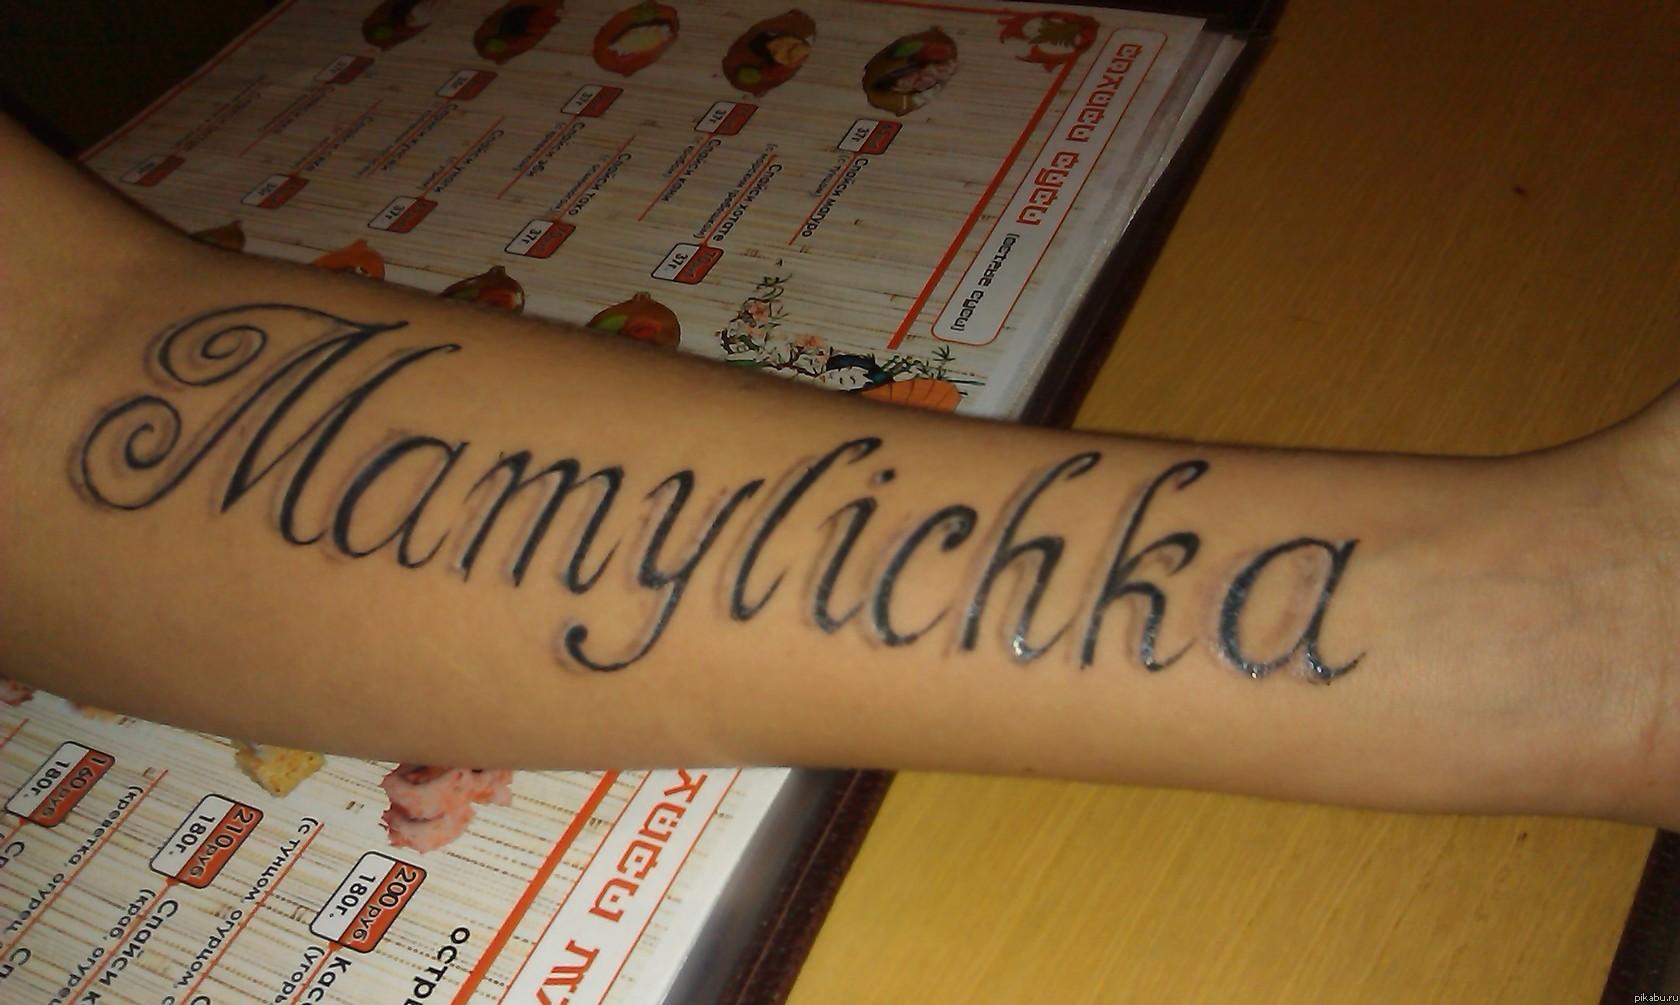 Татуировку надписи по латыни и перевод фото